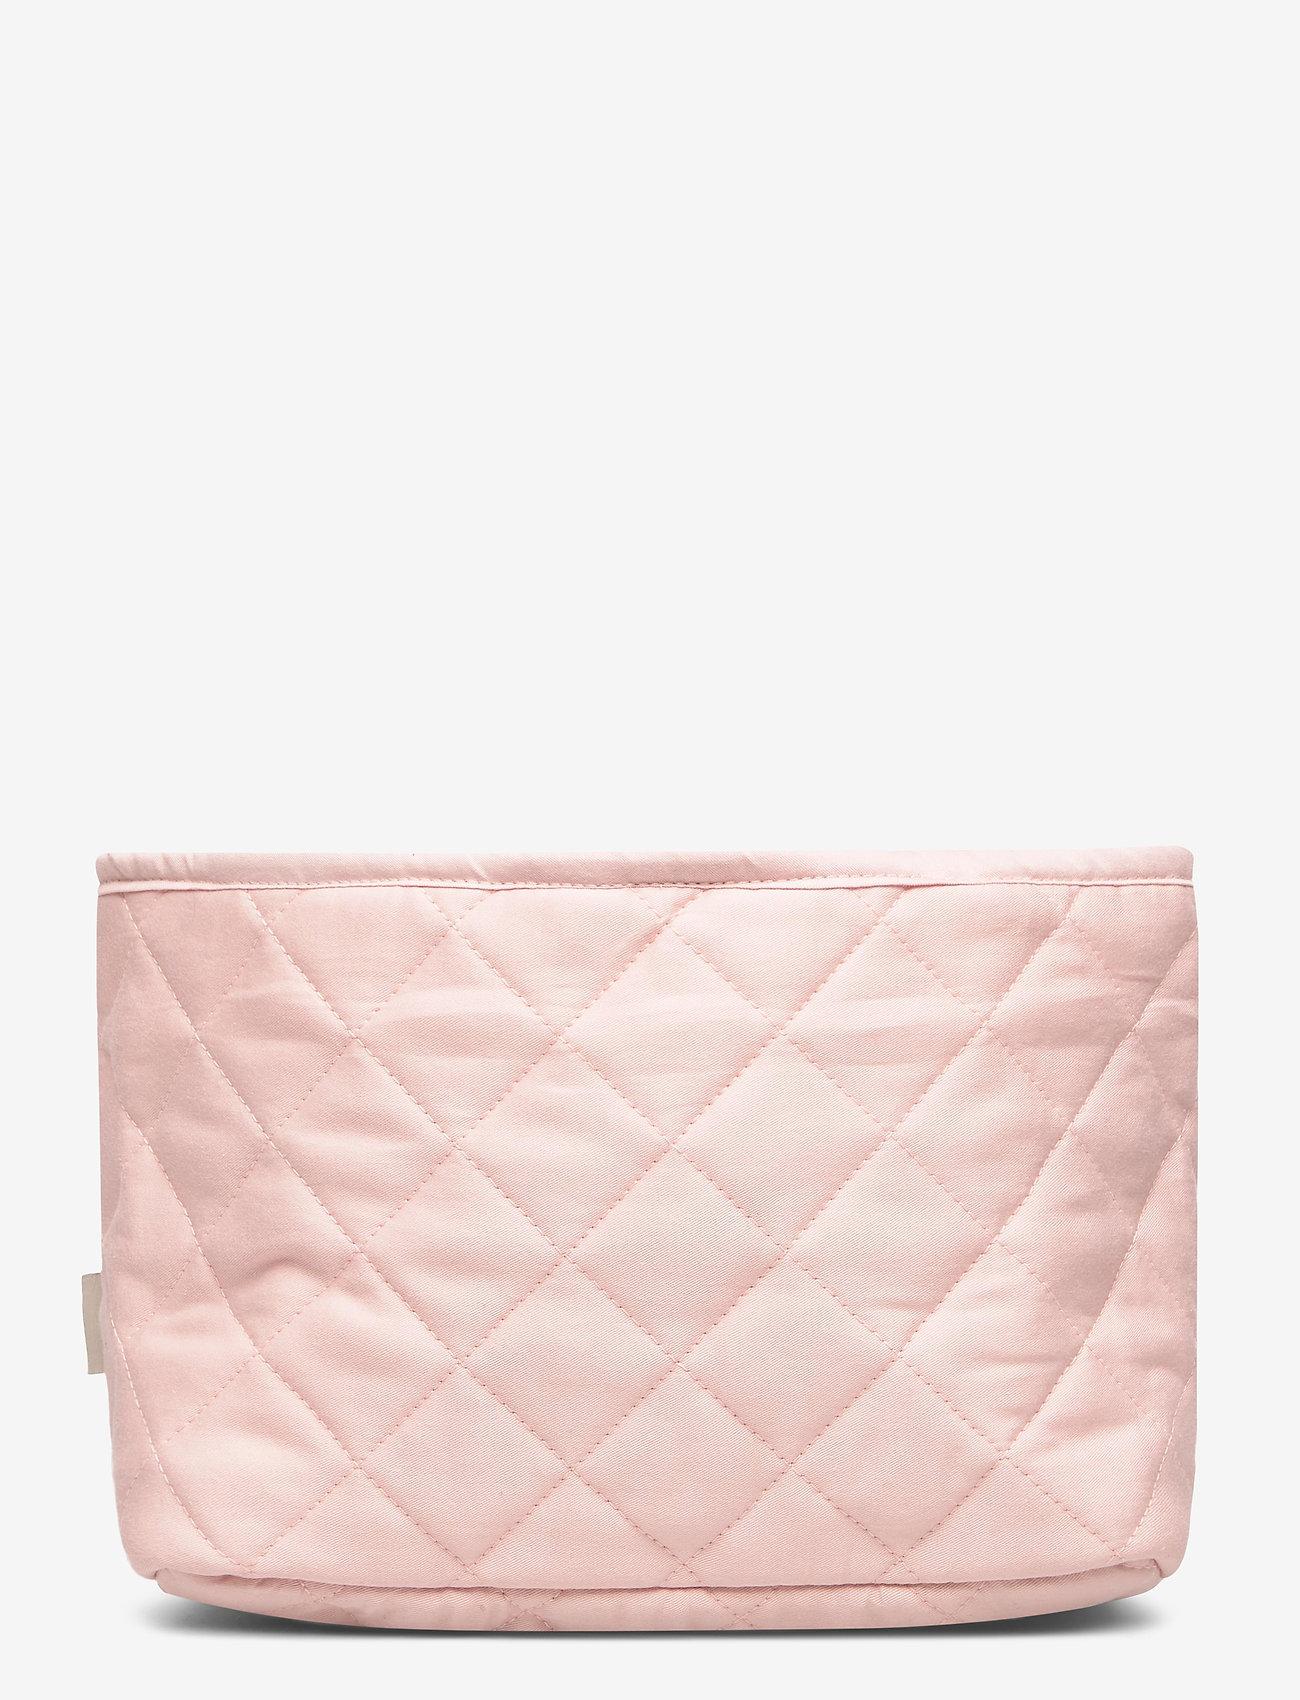 Cam Cam Copenhagen - Quilted Storage Basket, Set of 2 - OCS Blossom Pink - przechowywanie - blossom pink - 1